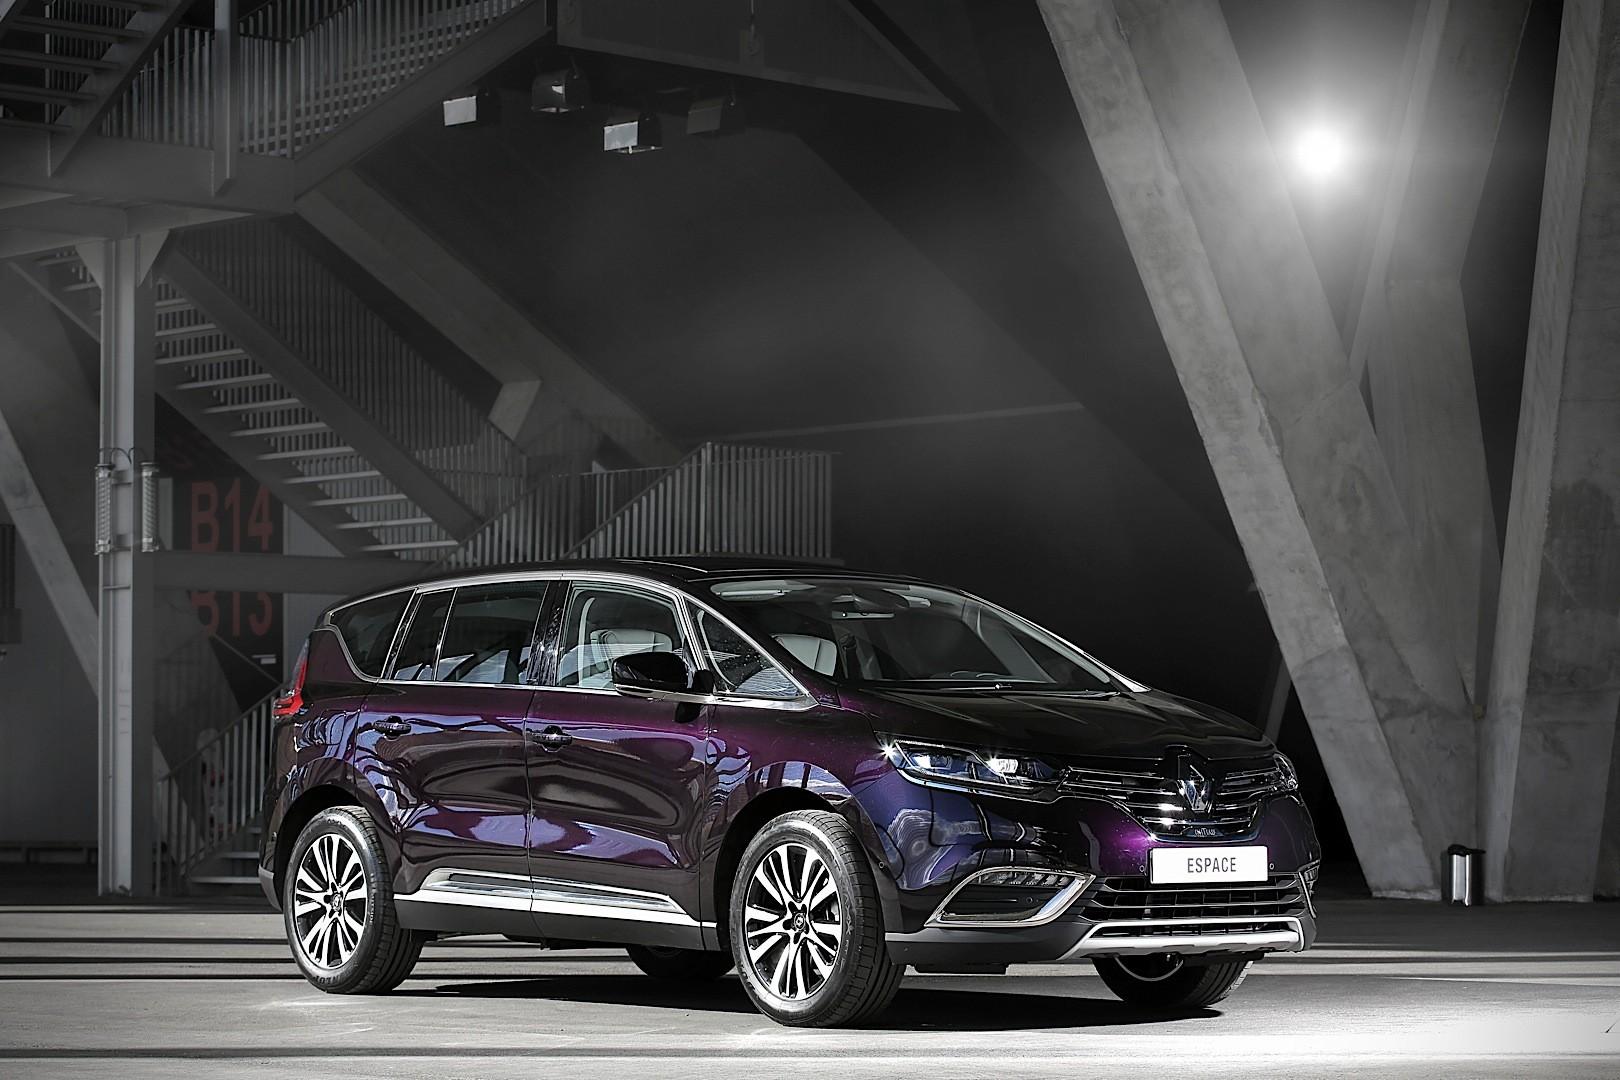 Best Car Logo Wallpapers Hd 2015 Renault Espace Looks Stunning In Dark Amethyst